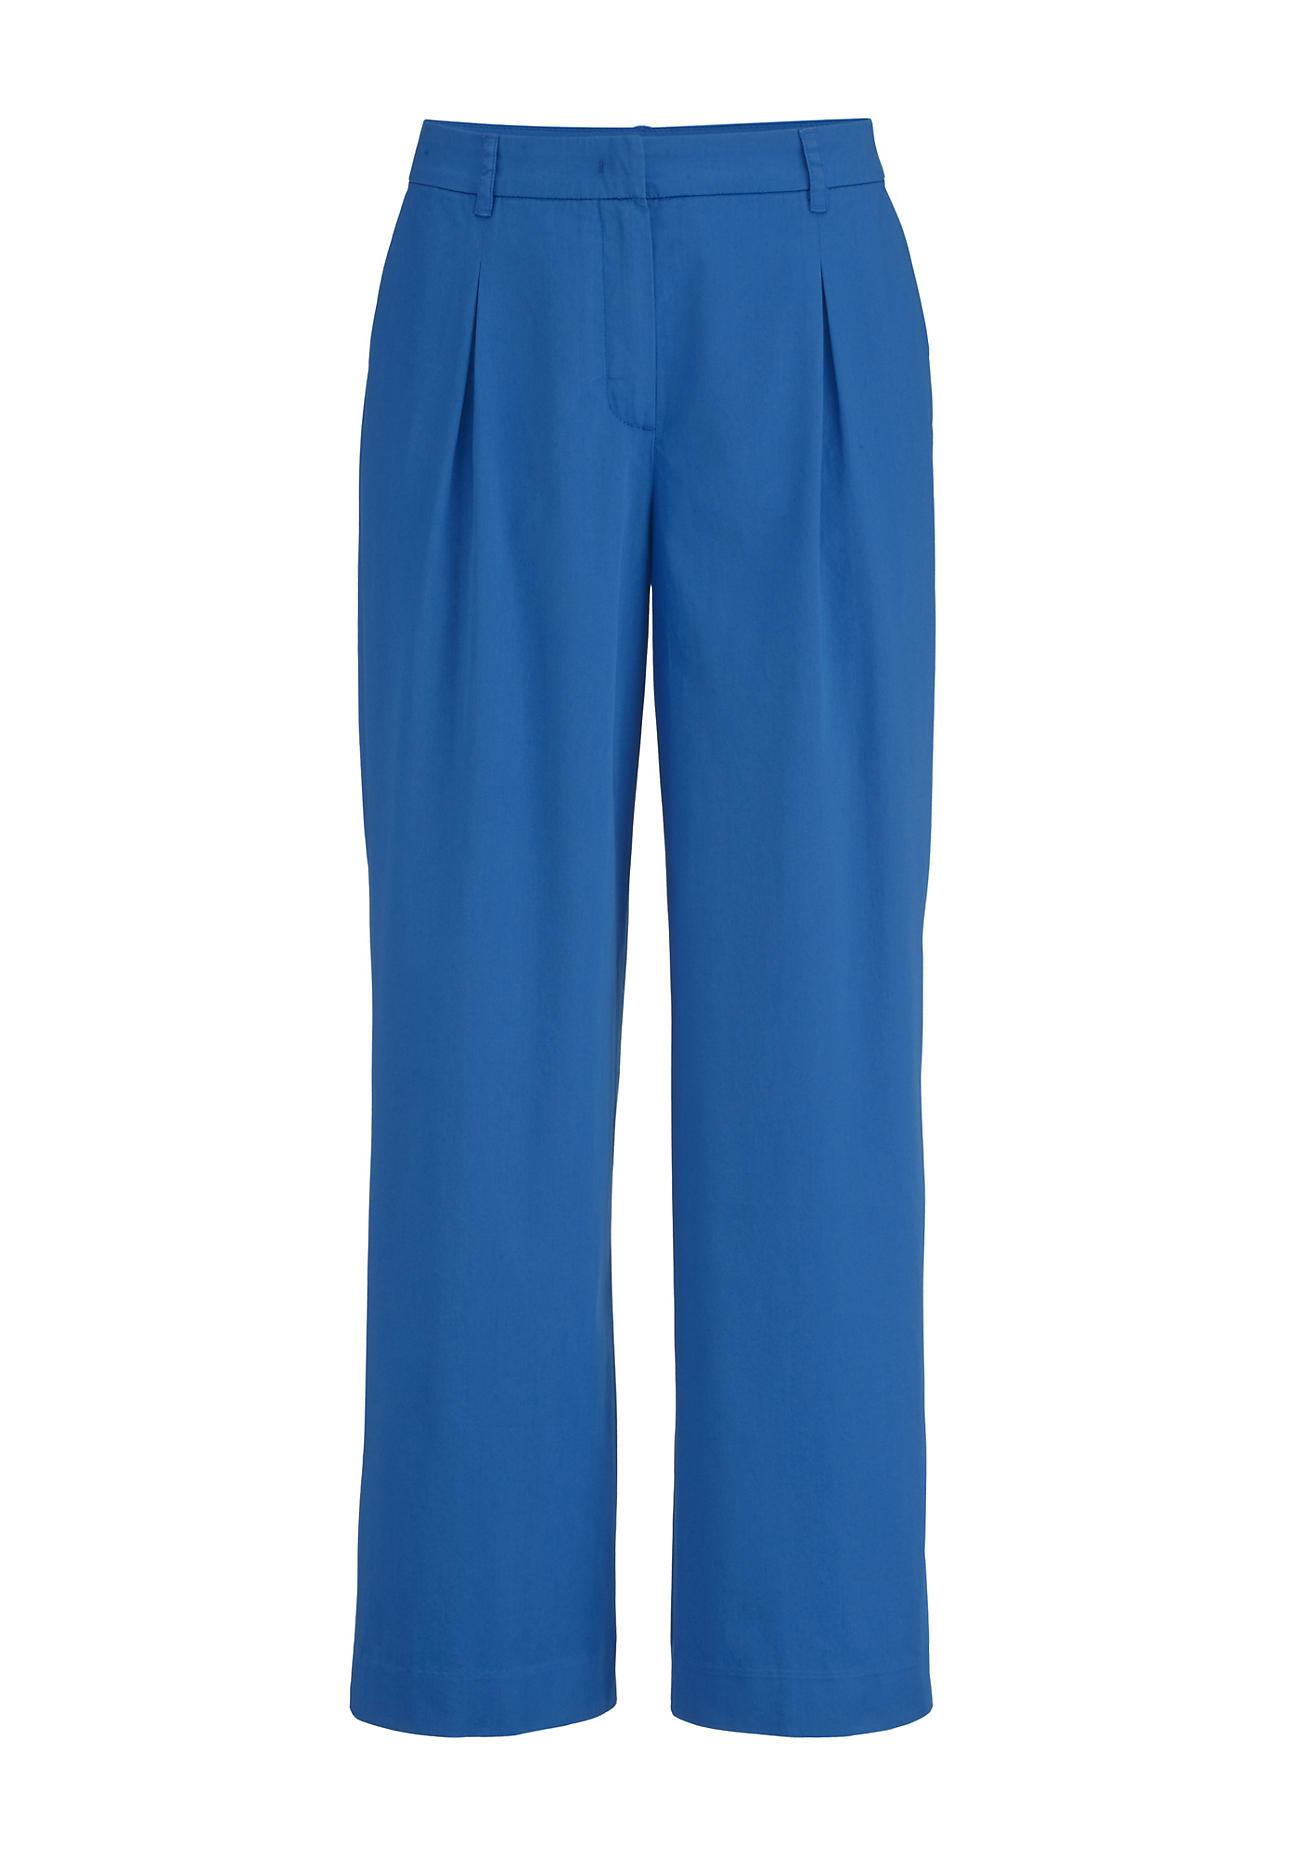 Hosen - hessnatur Damen Hose aus Bio Baumwolle – blau –  - Onlineshop Hessnatur